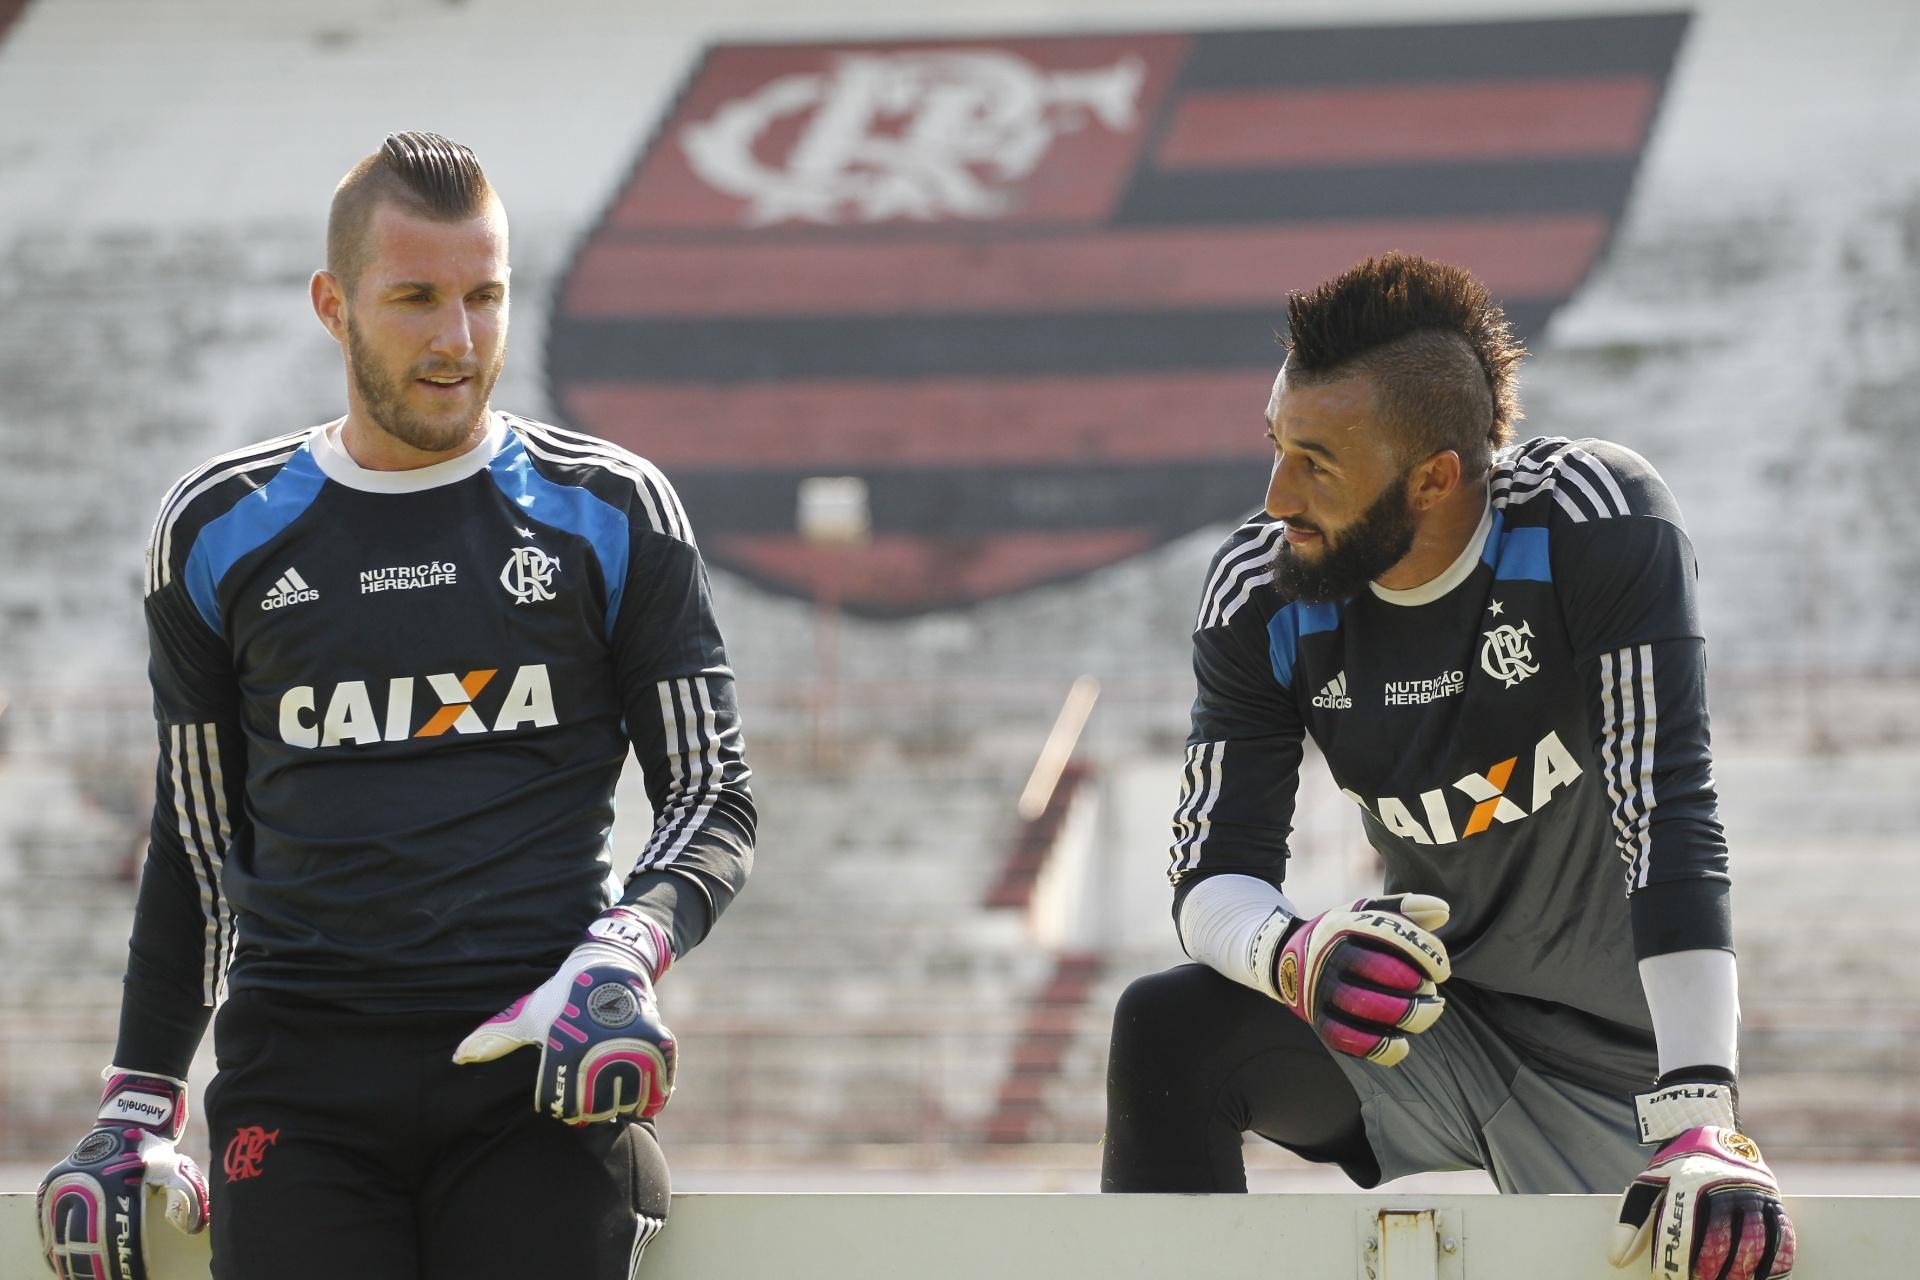 6403d2a7ae Muralha ganha espaço e disputa com Paulo Victor movimenta Flamengo -  Esporte - BOL